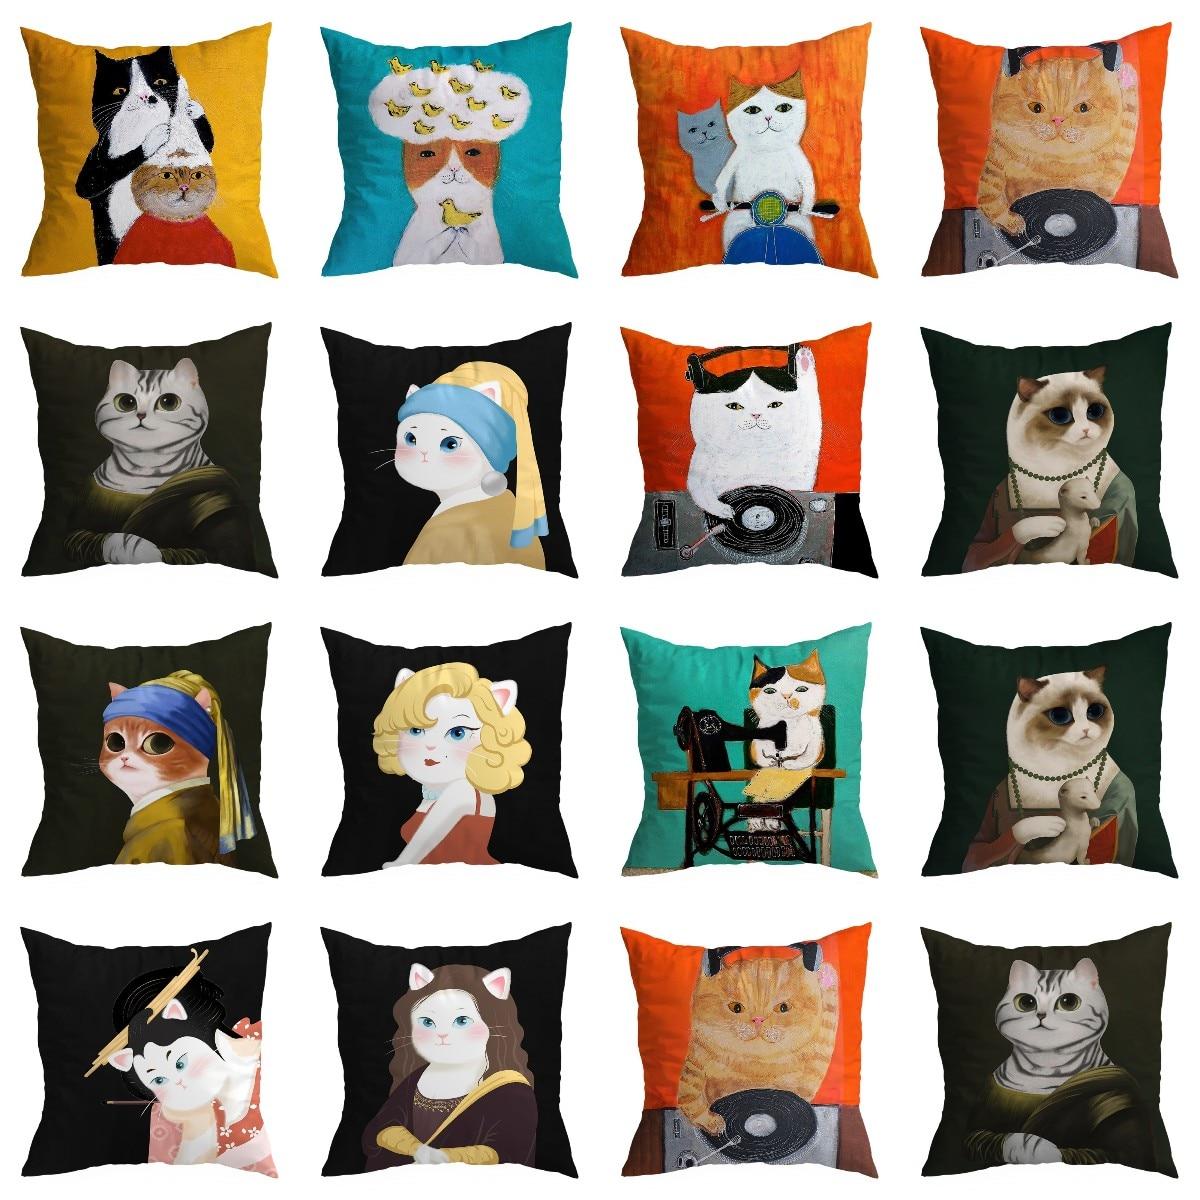 Чехол для подушки с милым котом, декоративный чехол для подушки с двухсторонним принтом животных, чехол для подушки из полиэстера, чехол для... чехол